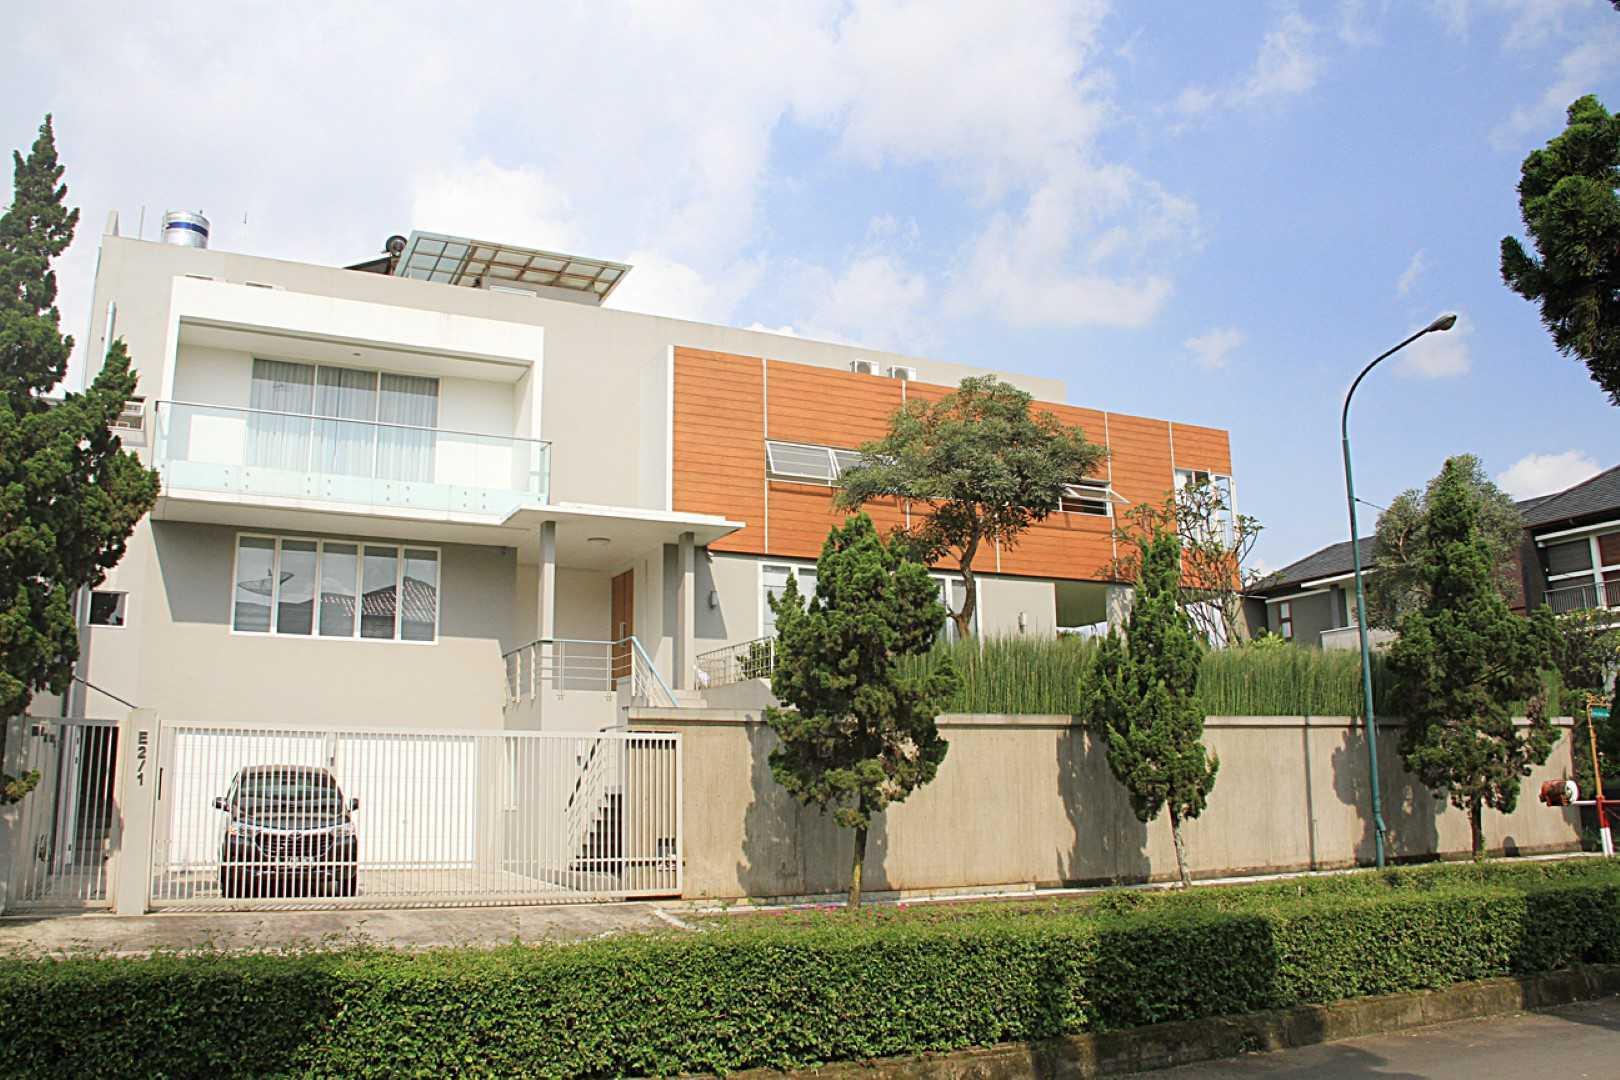 Arkitekt.id A House Bandung Bandung Front View   18899